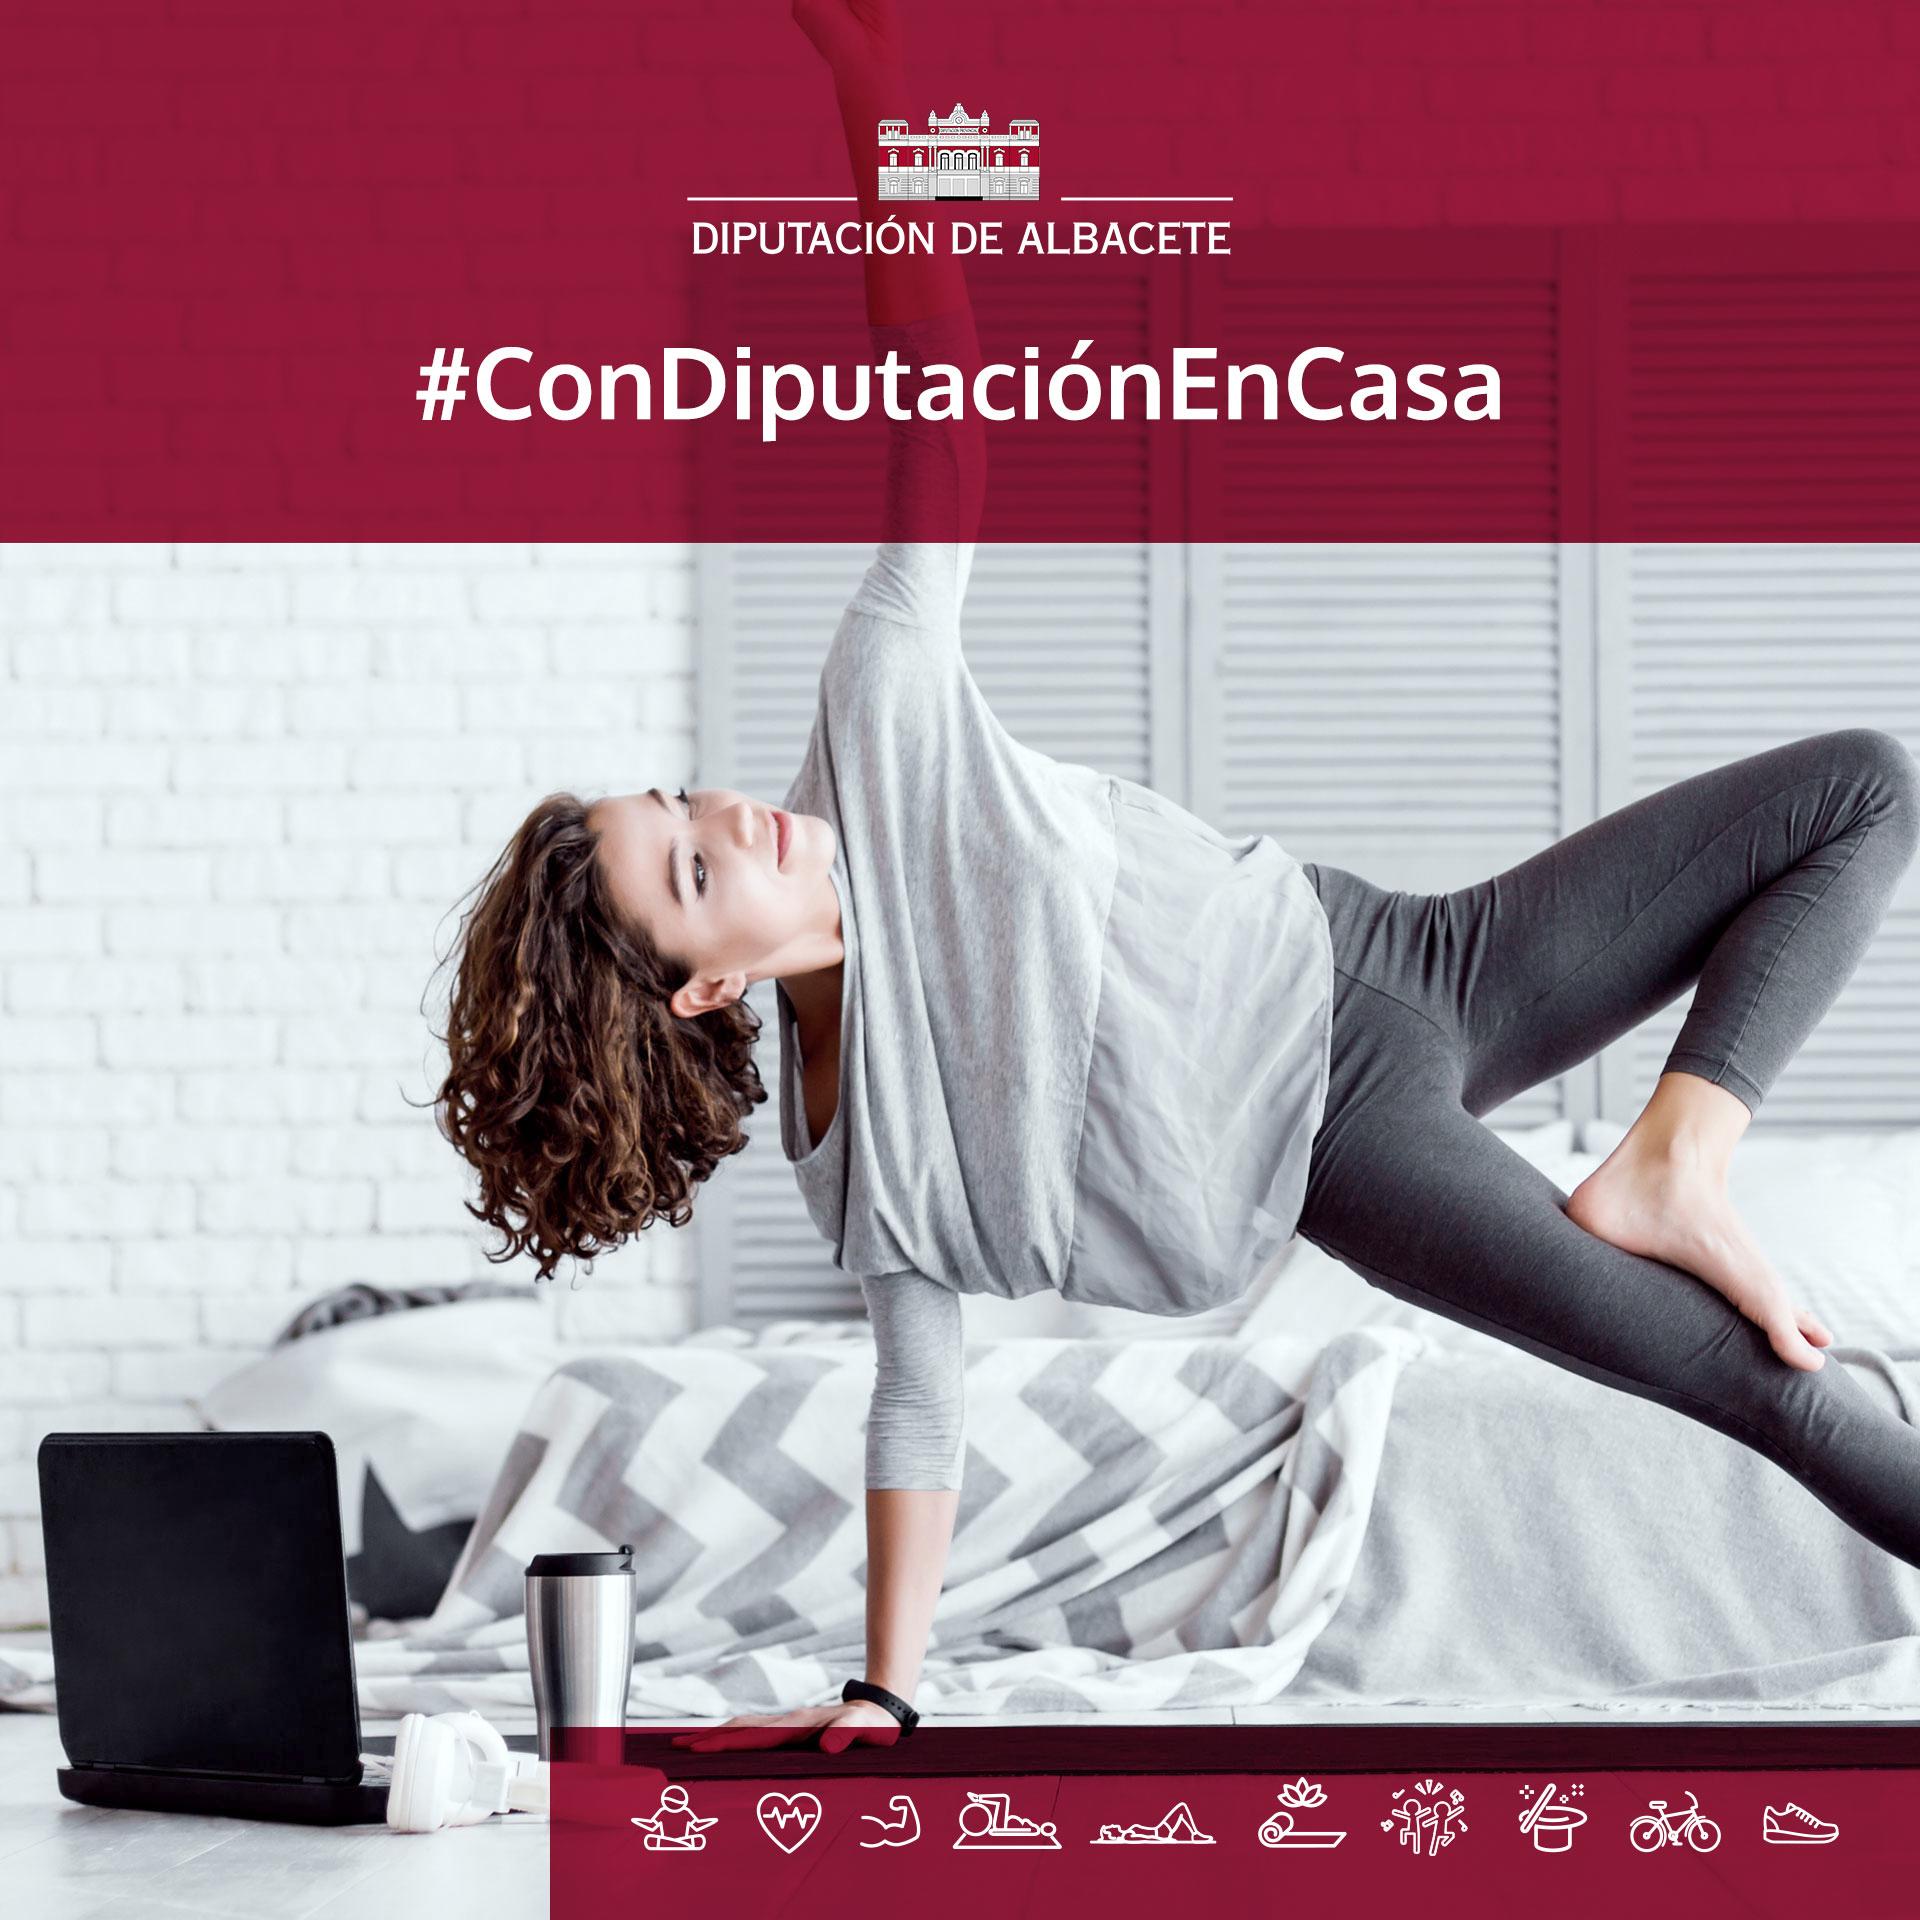 Los Circuitos Deportivos Provinciales hacen más llevadero el confinamiento mediante la iniciativa #Condiputaciónencasa